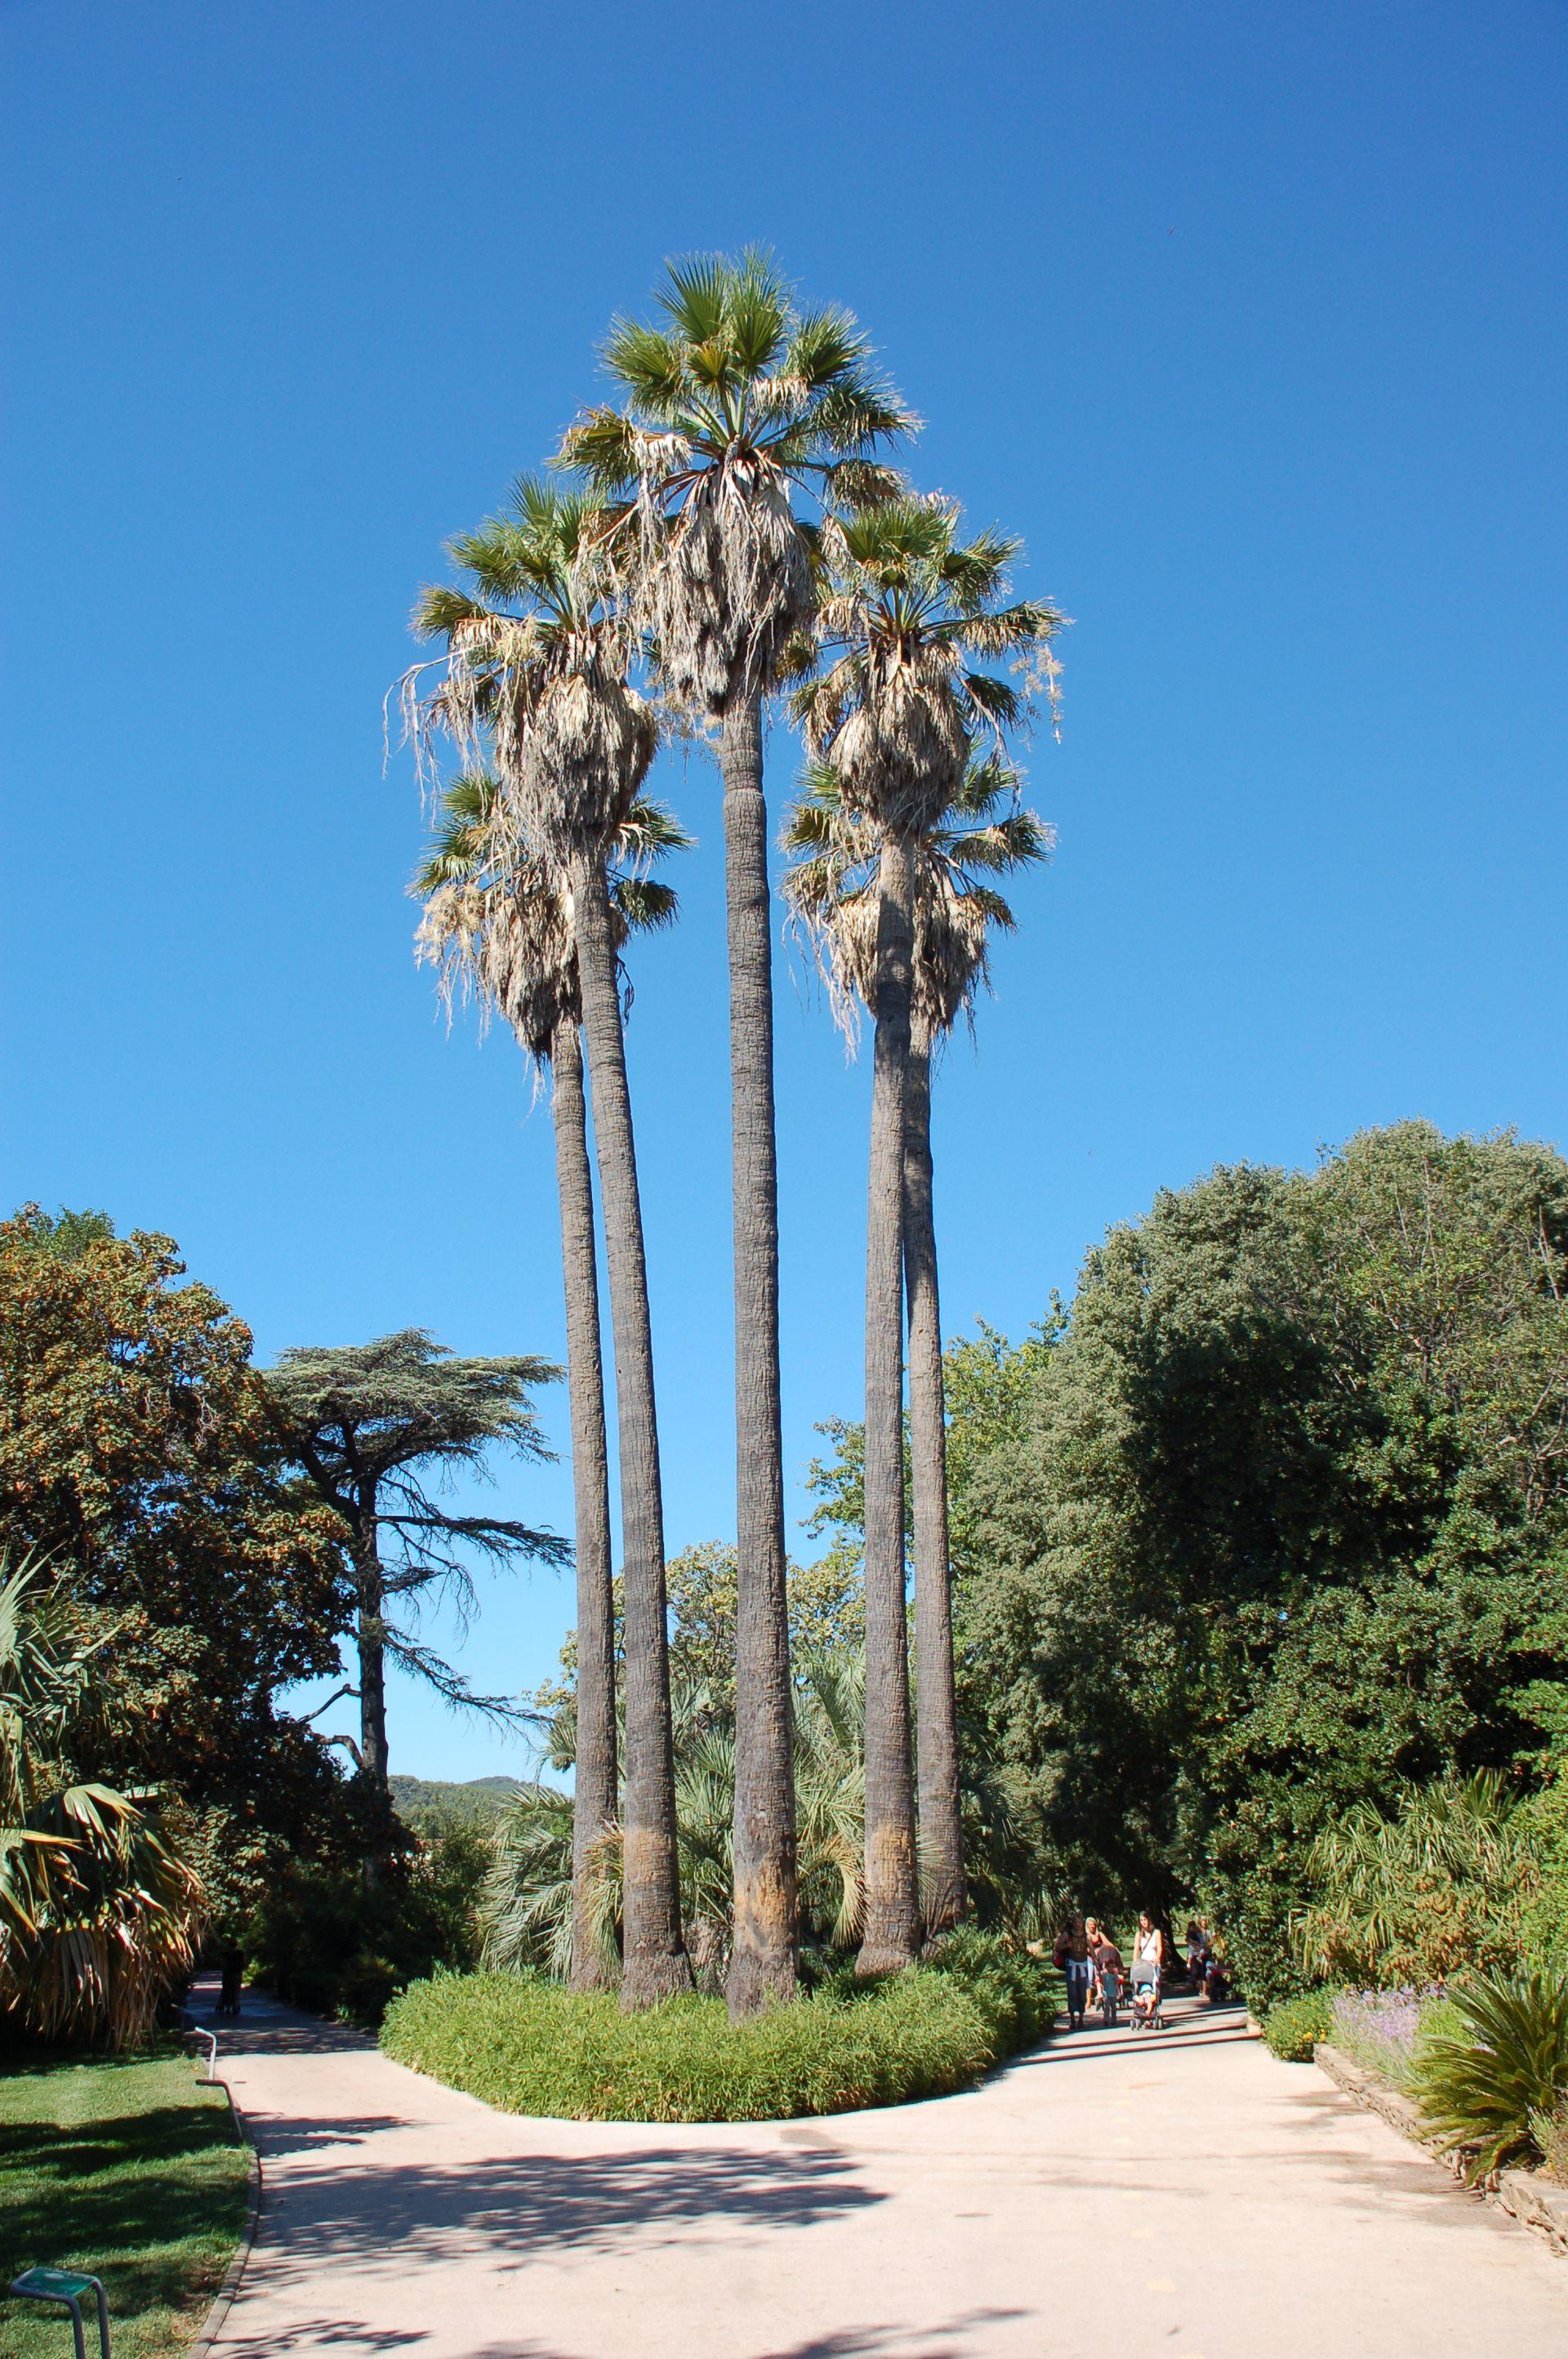 Le jardin olbius riquier of jardin olbius riquier for Jardin olbius riquier